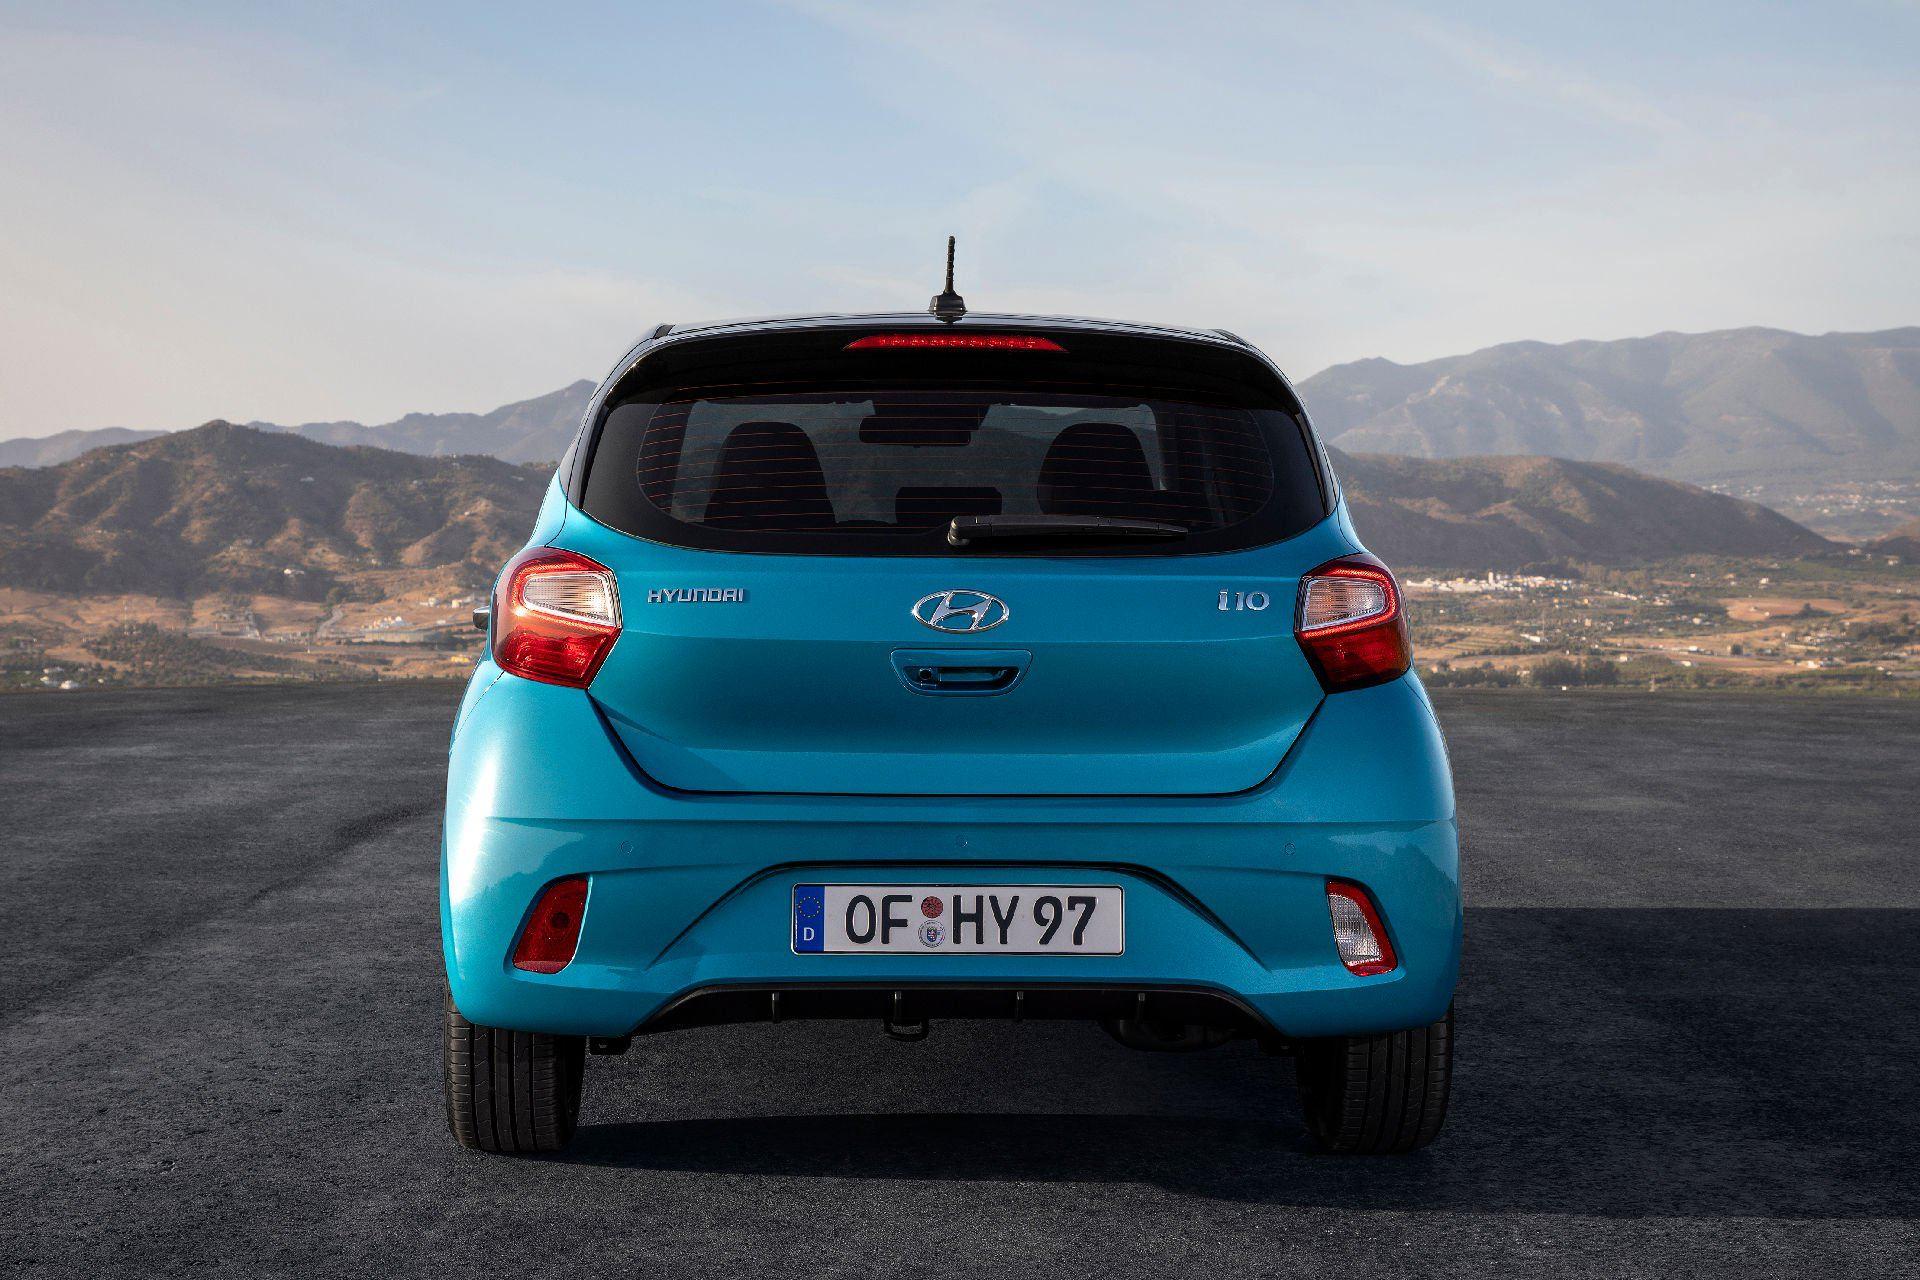 Hyundai i10 thế hệ mới sắp được ra mắt tại Frankfurt Motor Show 2019 - 6